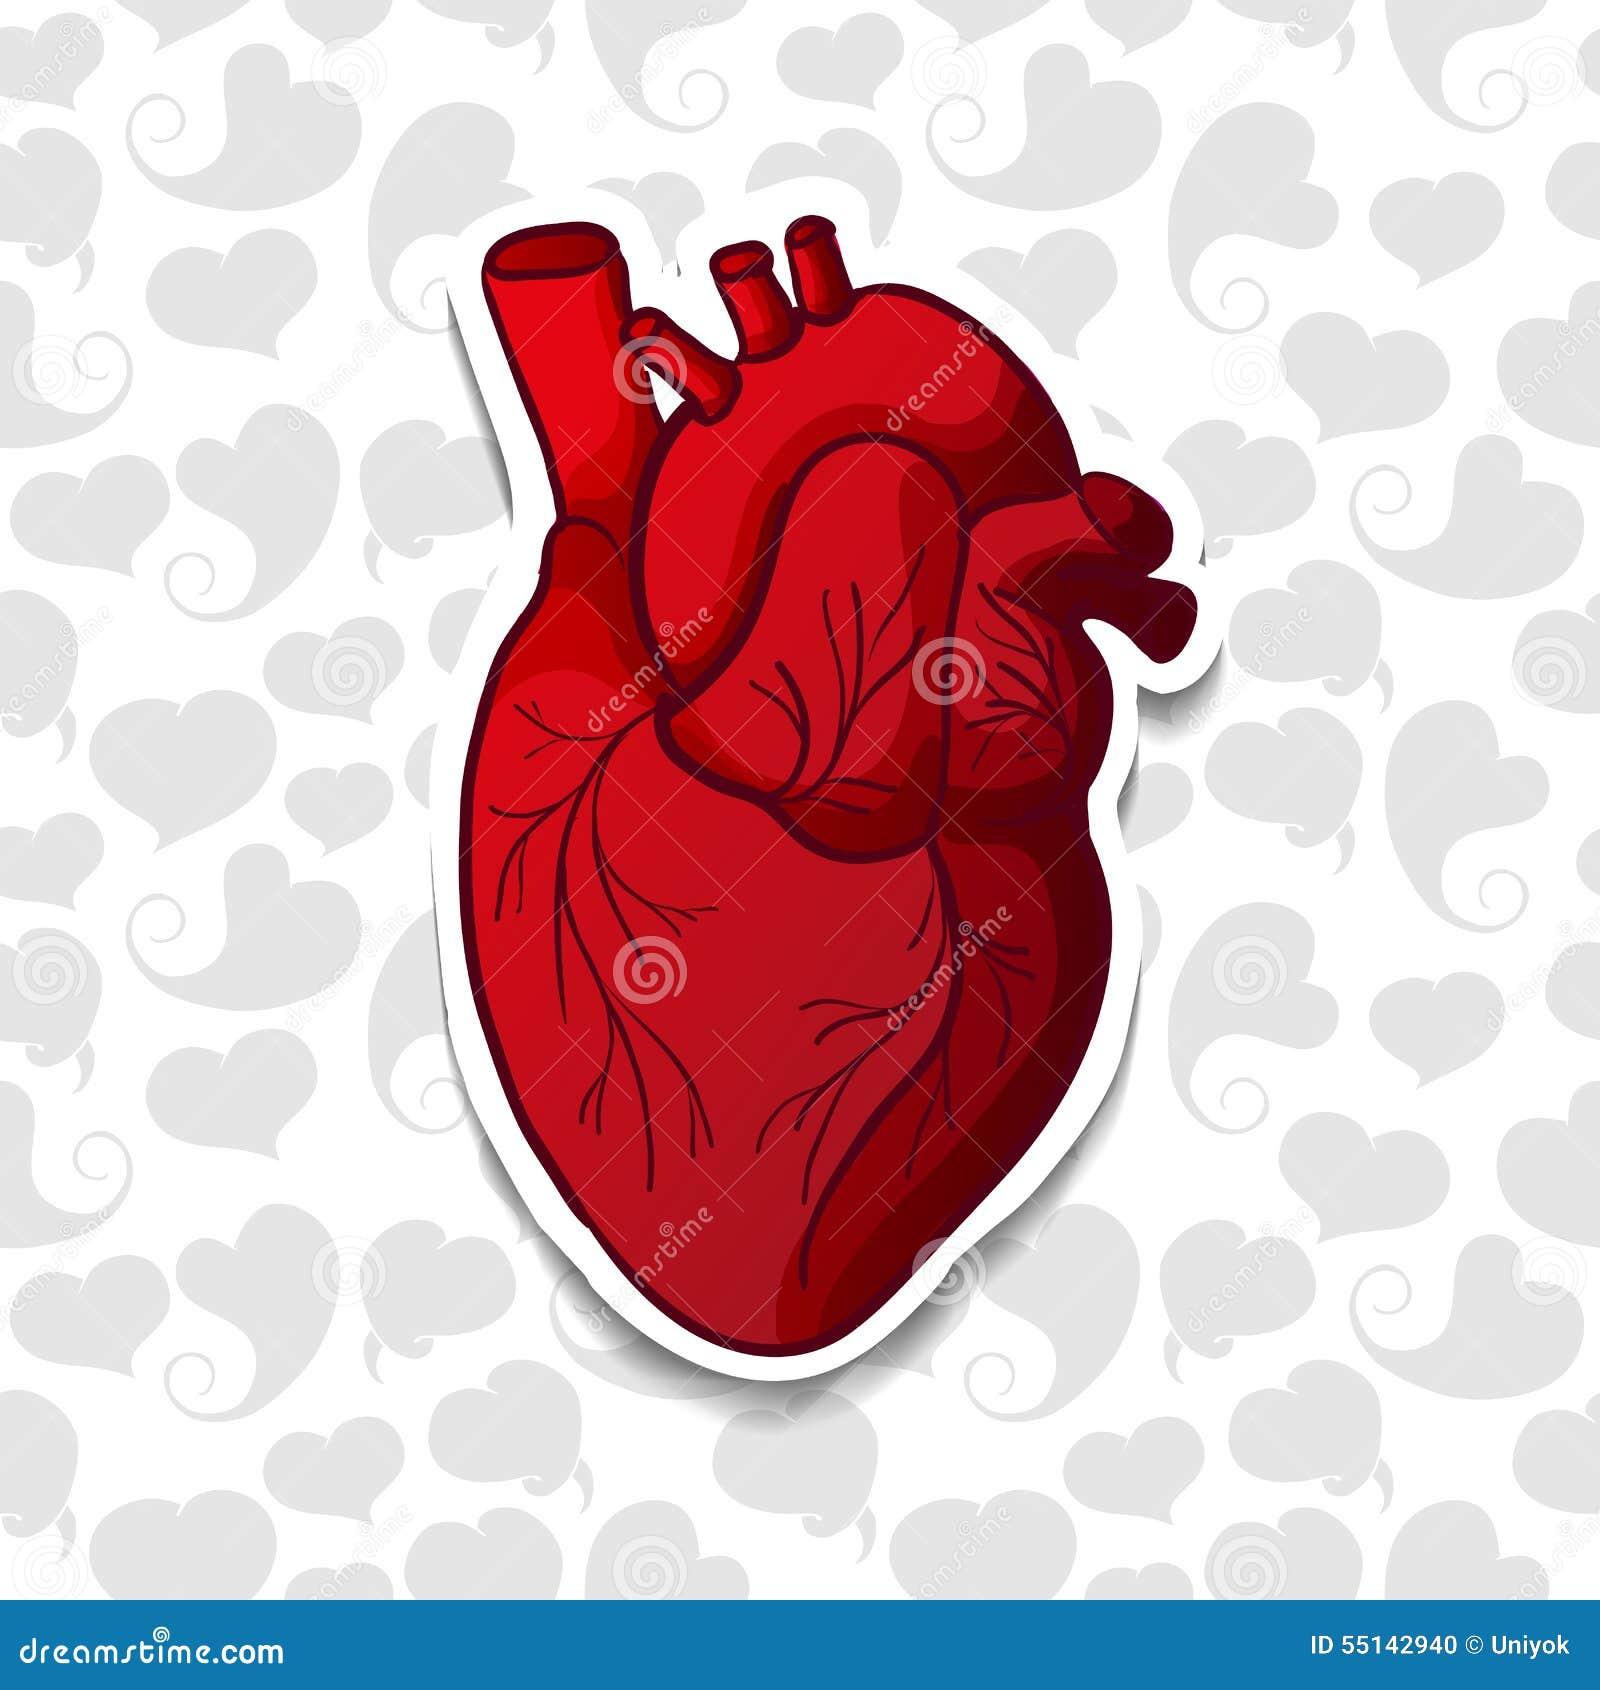 Dibujo Del Corazón Humano En Modelo Del Fondo De Ilustración Del